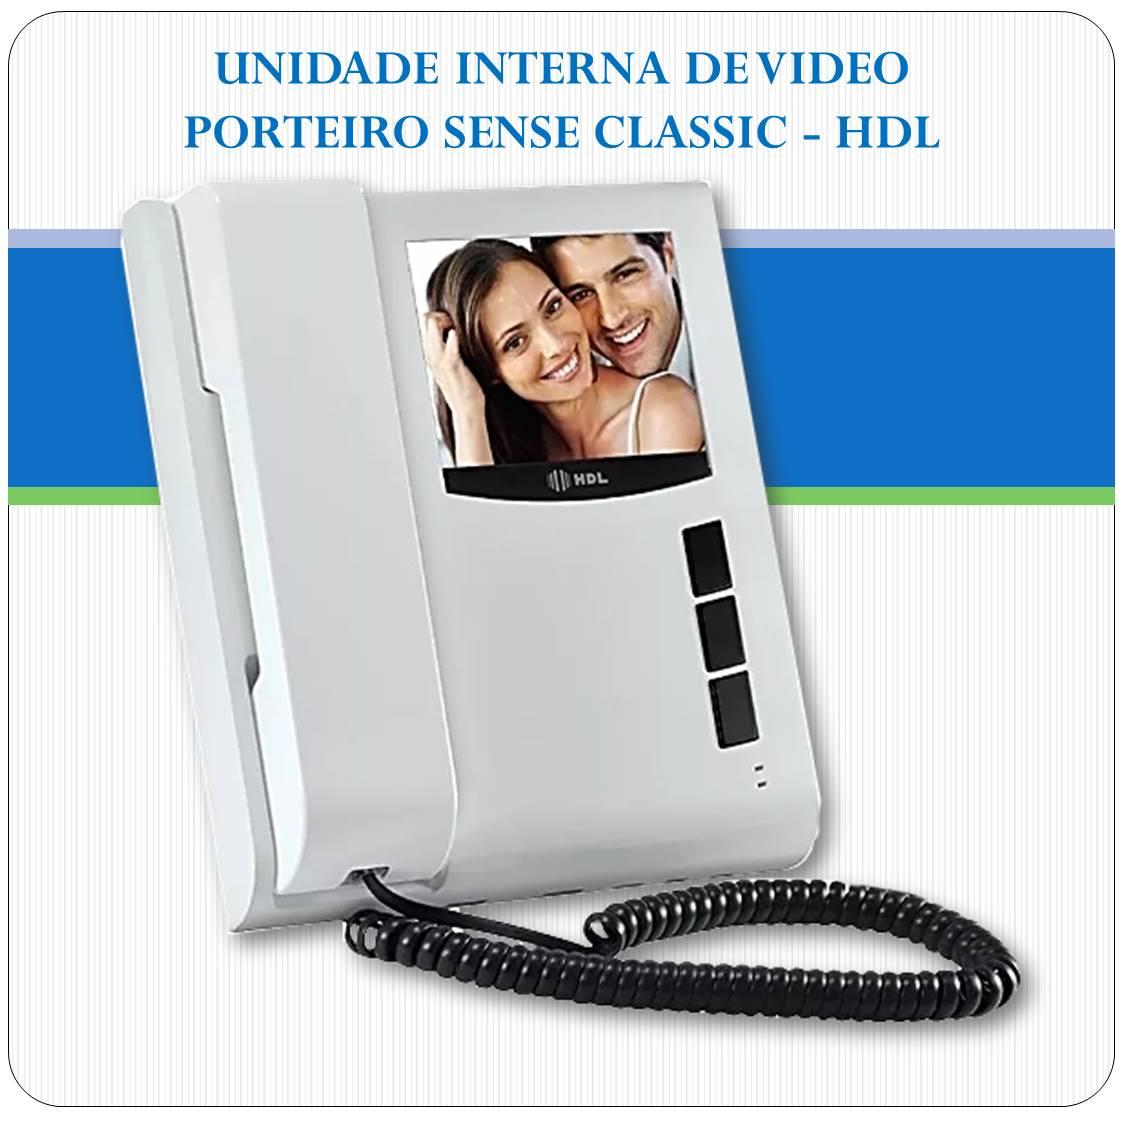 Unidade Interna de Vídeo Porteiro SENSE Classic - HDL